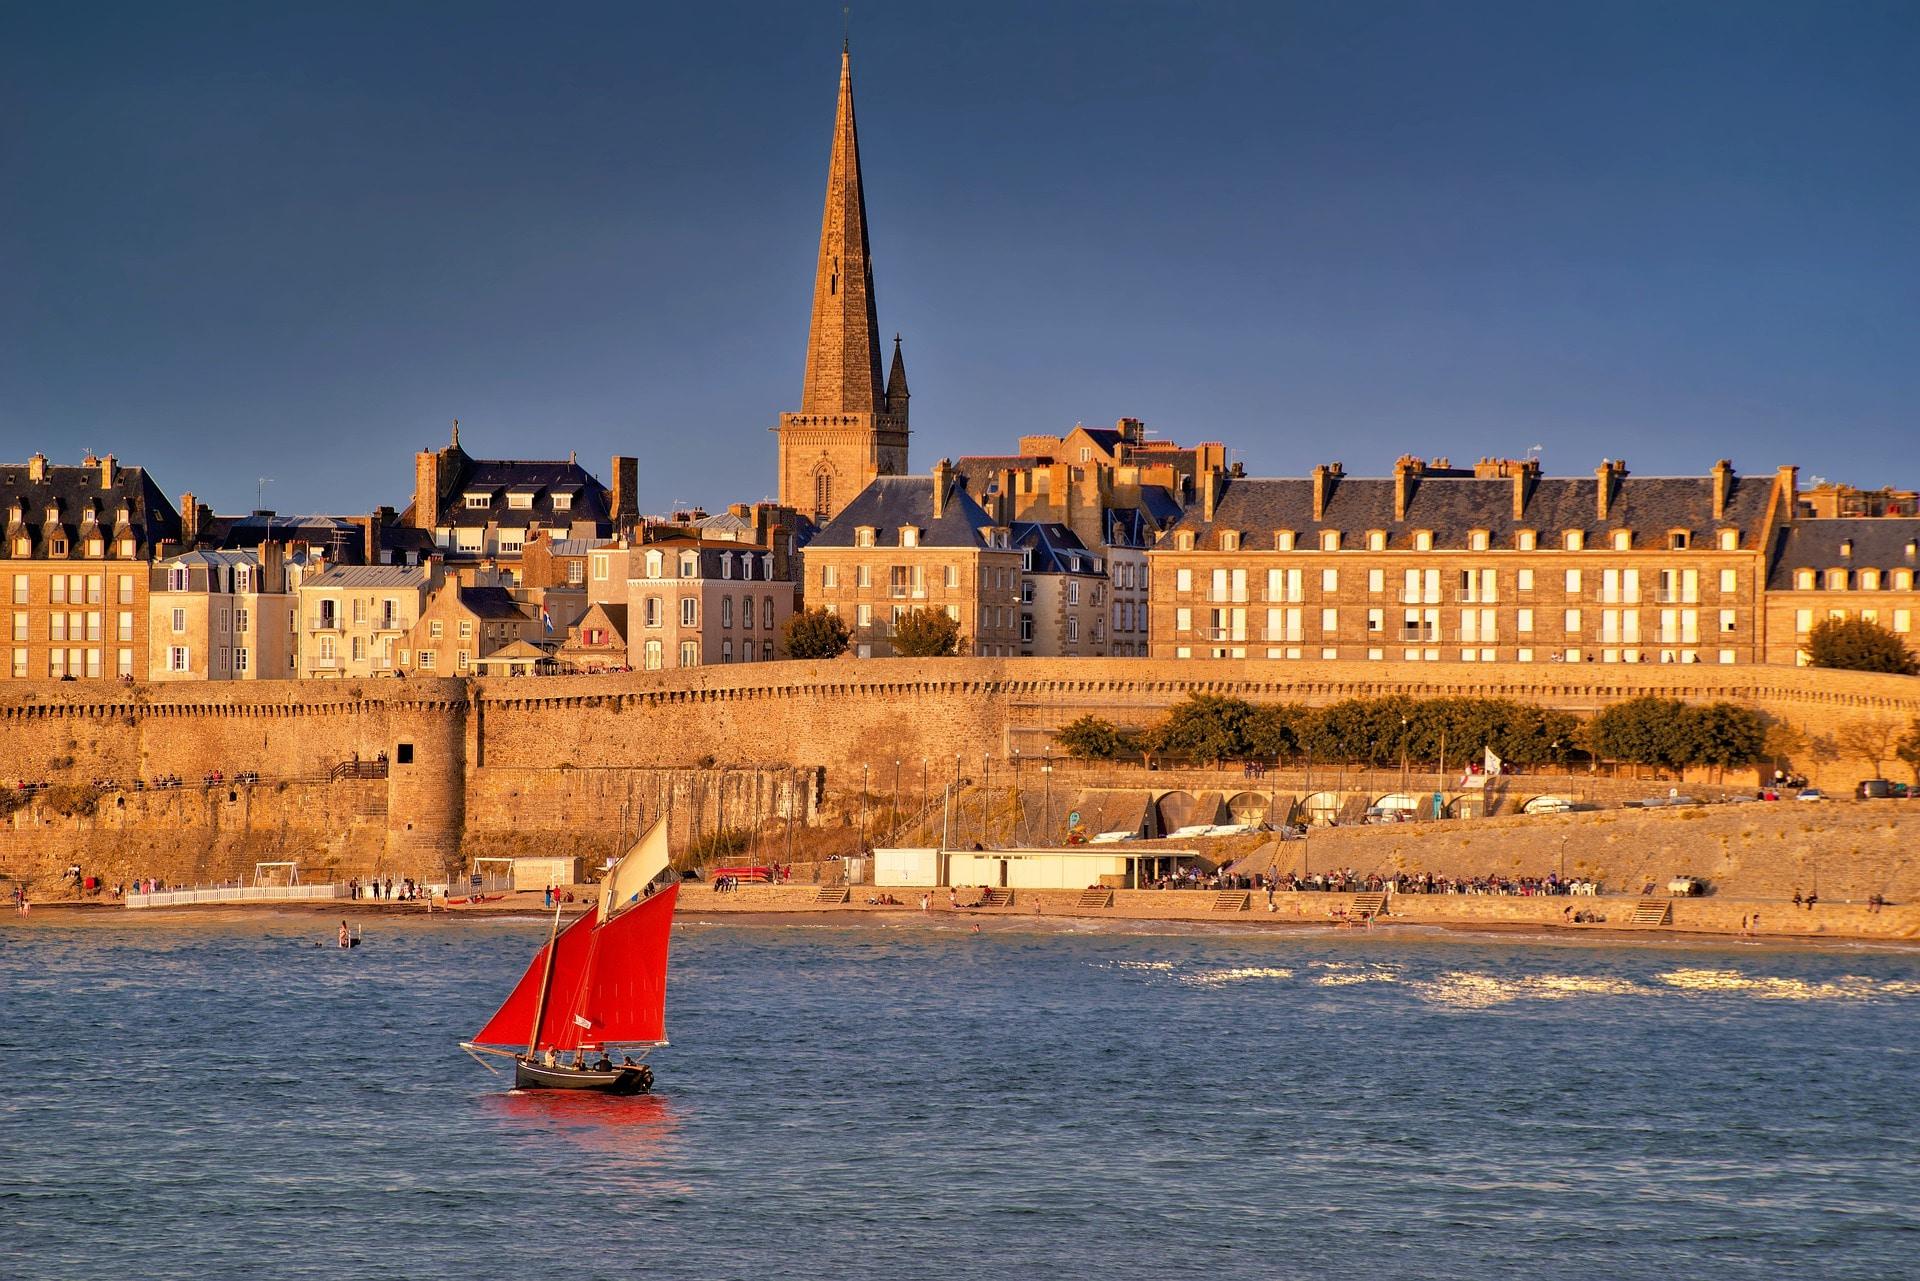 Les remparts de Saint-Malo vus de la mer.